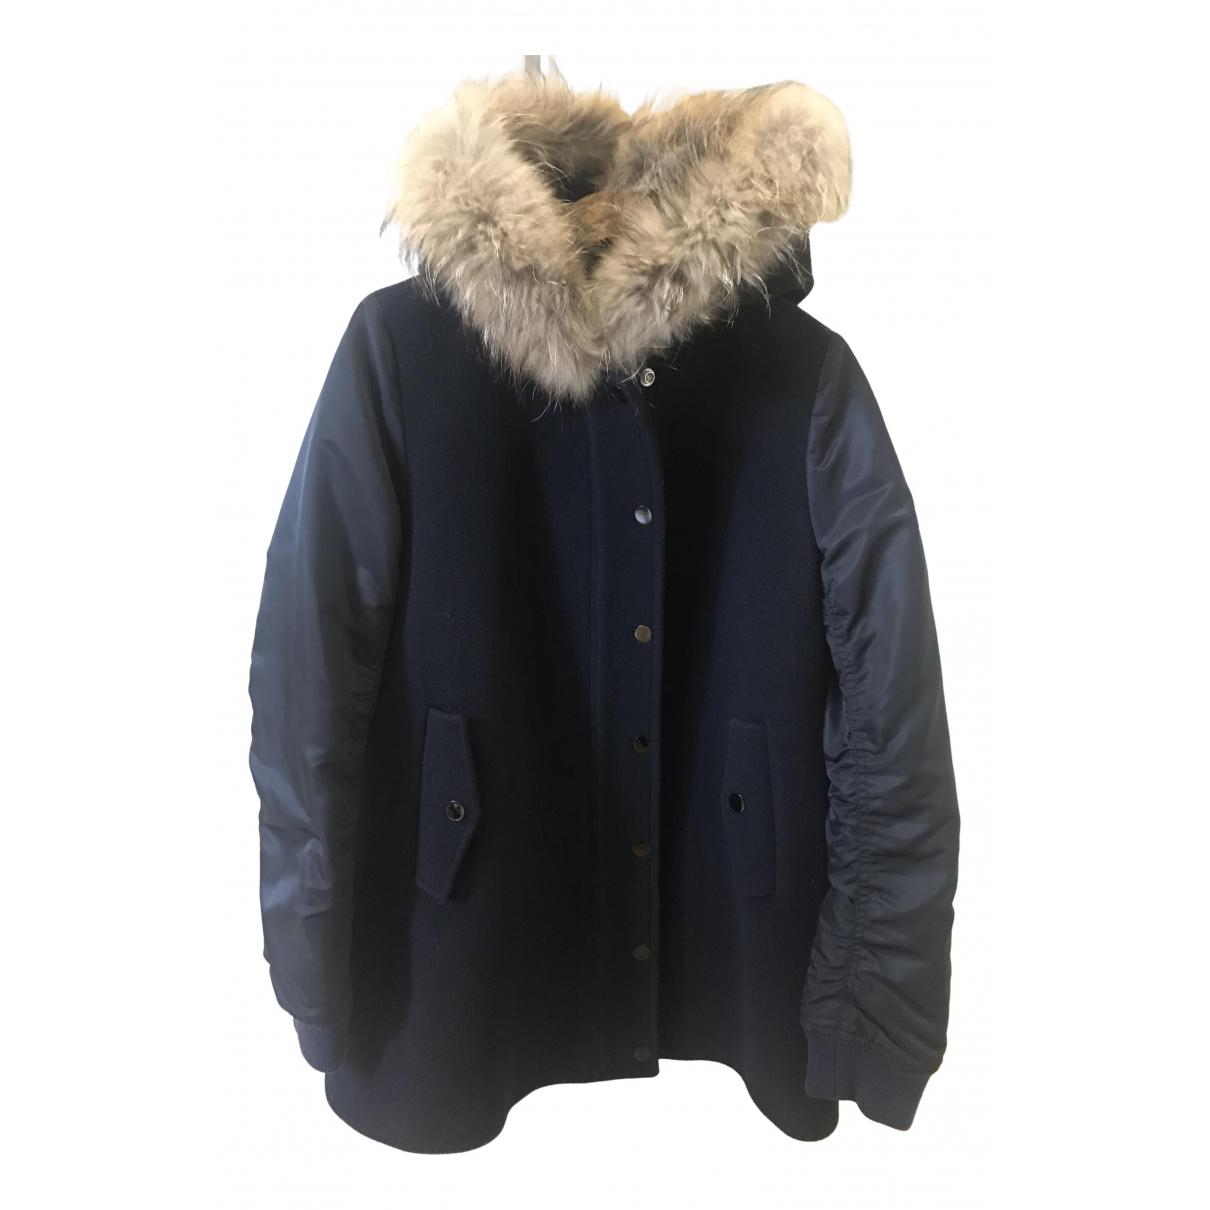 Sandro - Manteau Fall Winter 2019 pour femme en laine - bleu